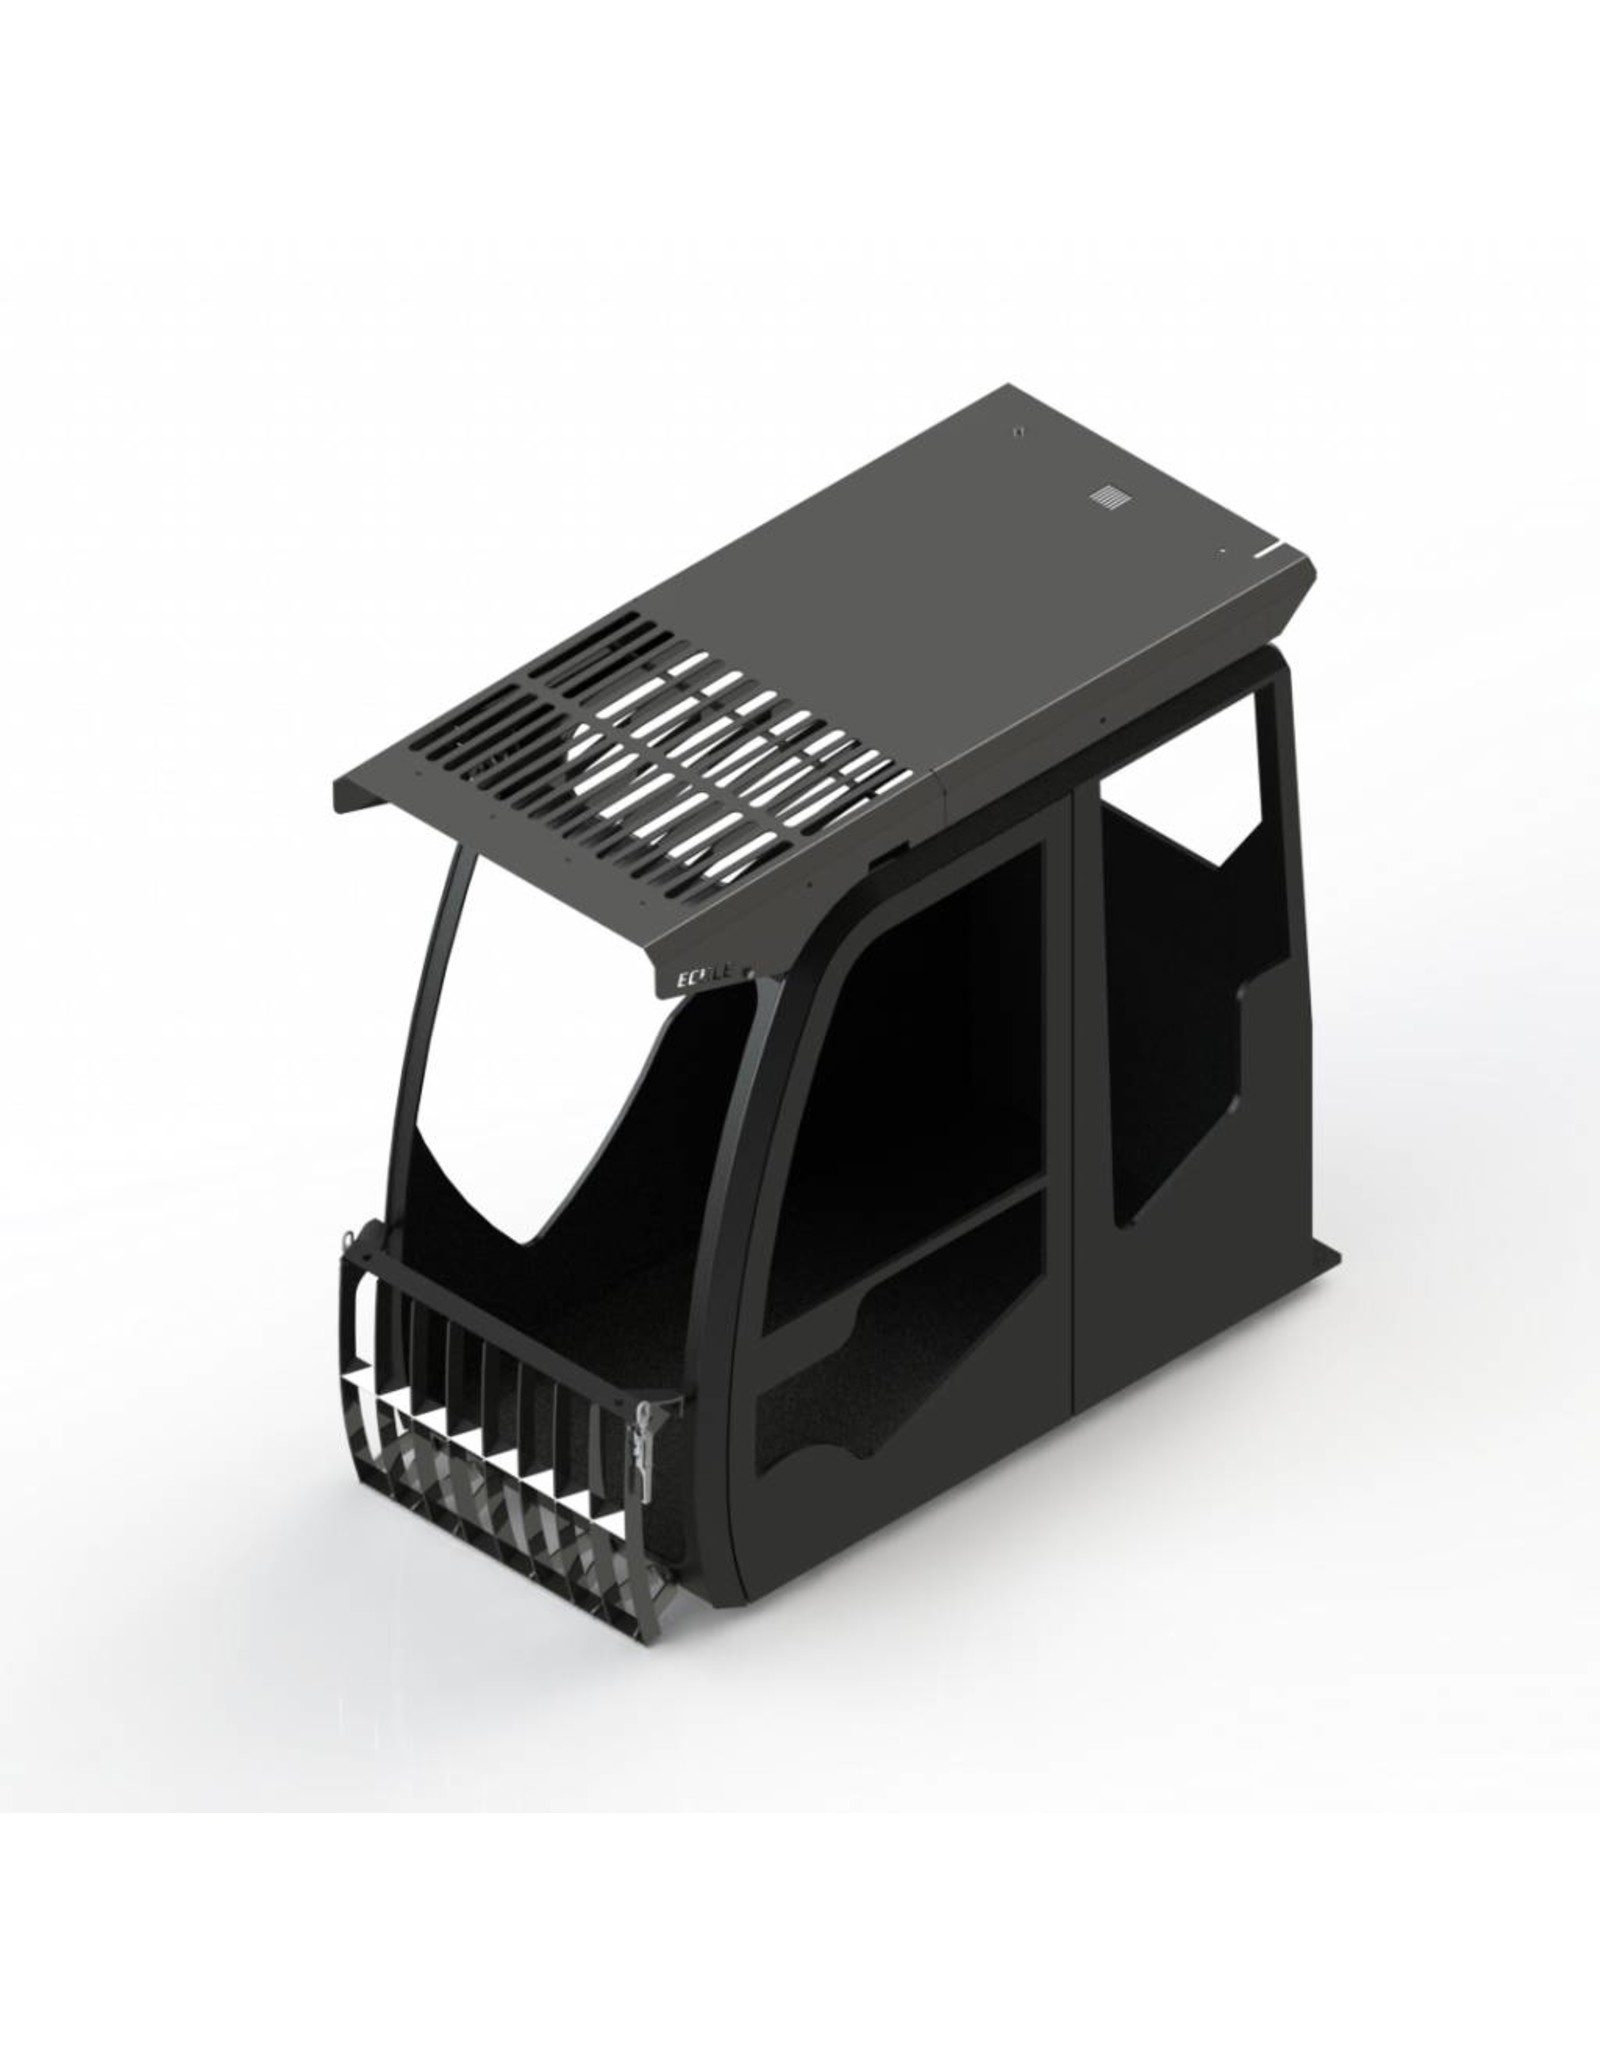 Echle Hartstahl GmbH FOPS für Komatsu PC210LC-10/11